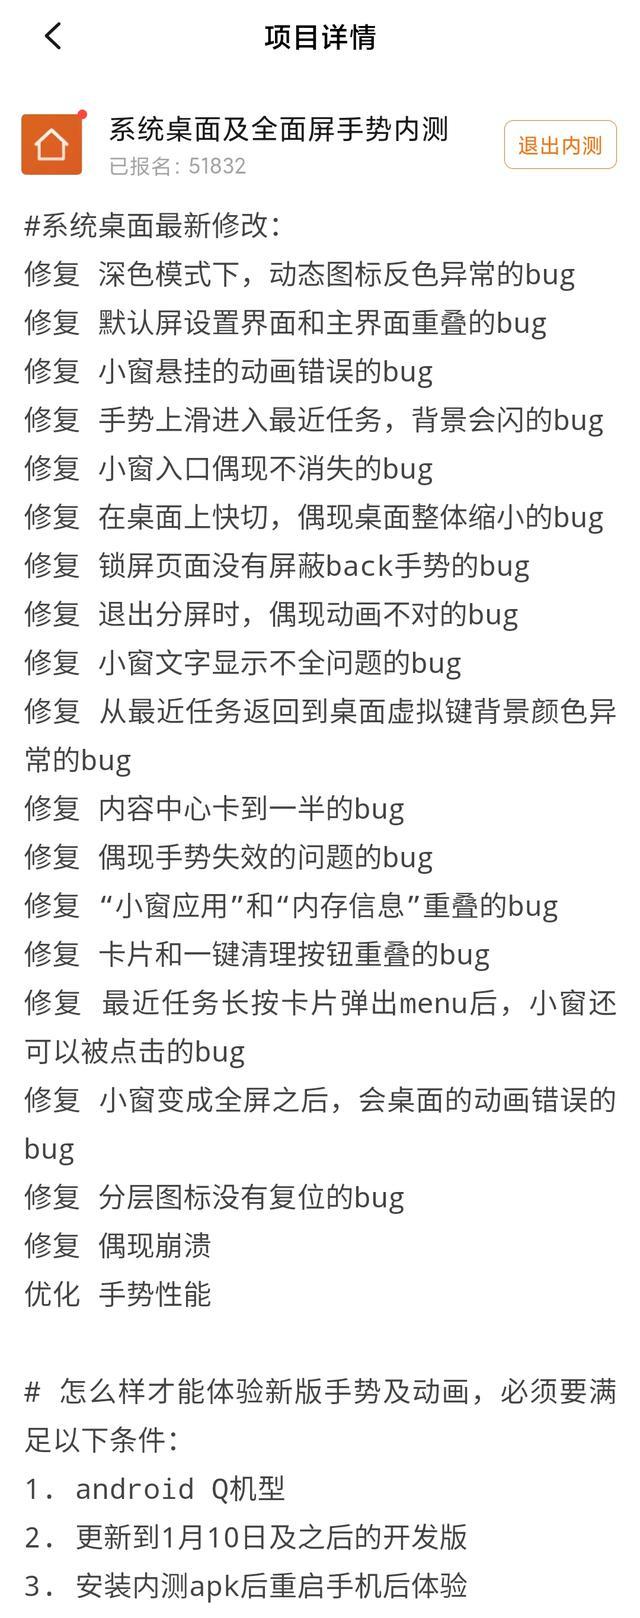 MIUI12,20.5.21更新一览,部分机型新增,可卸载(图4)